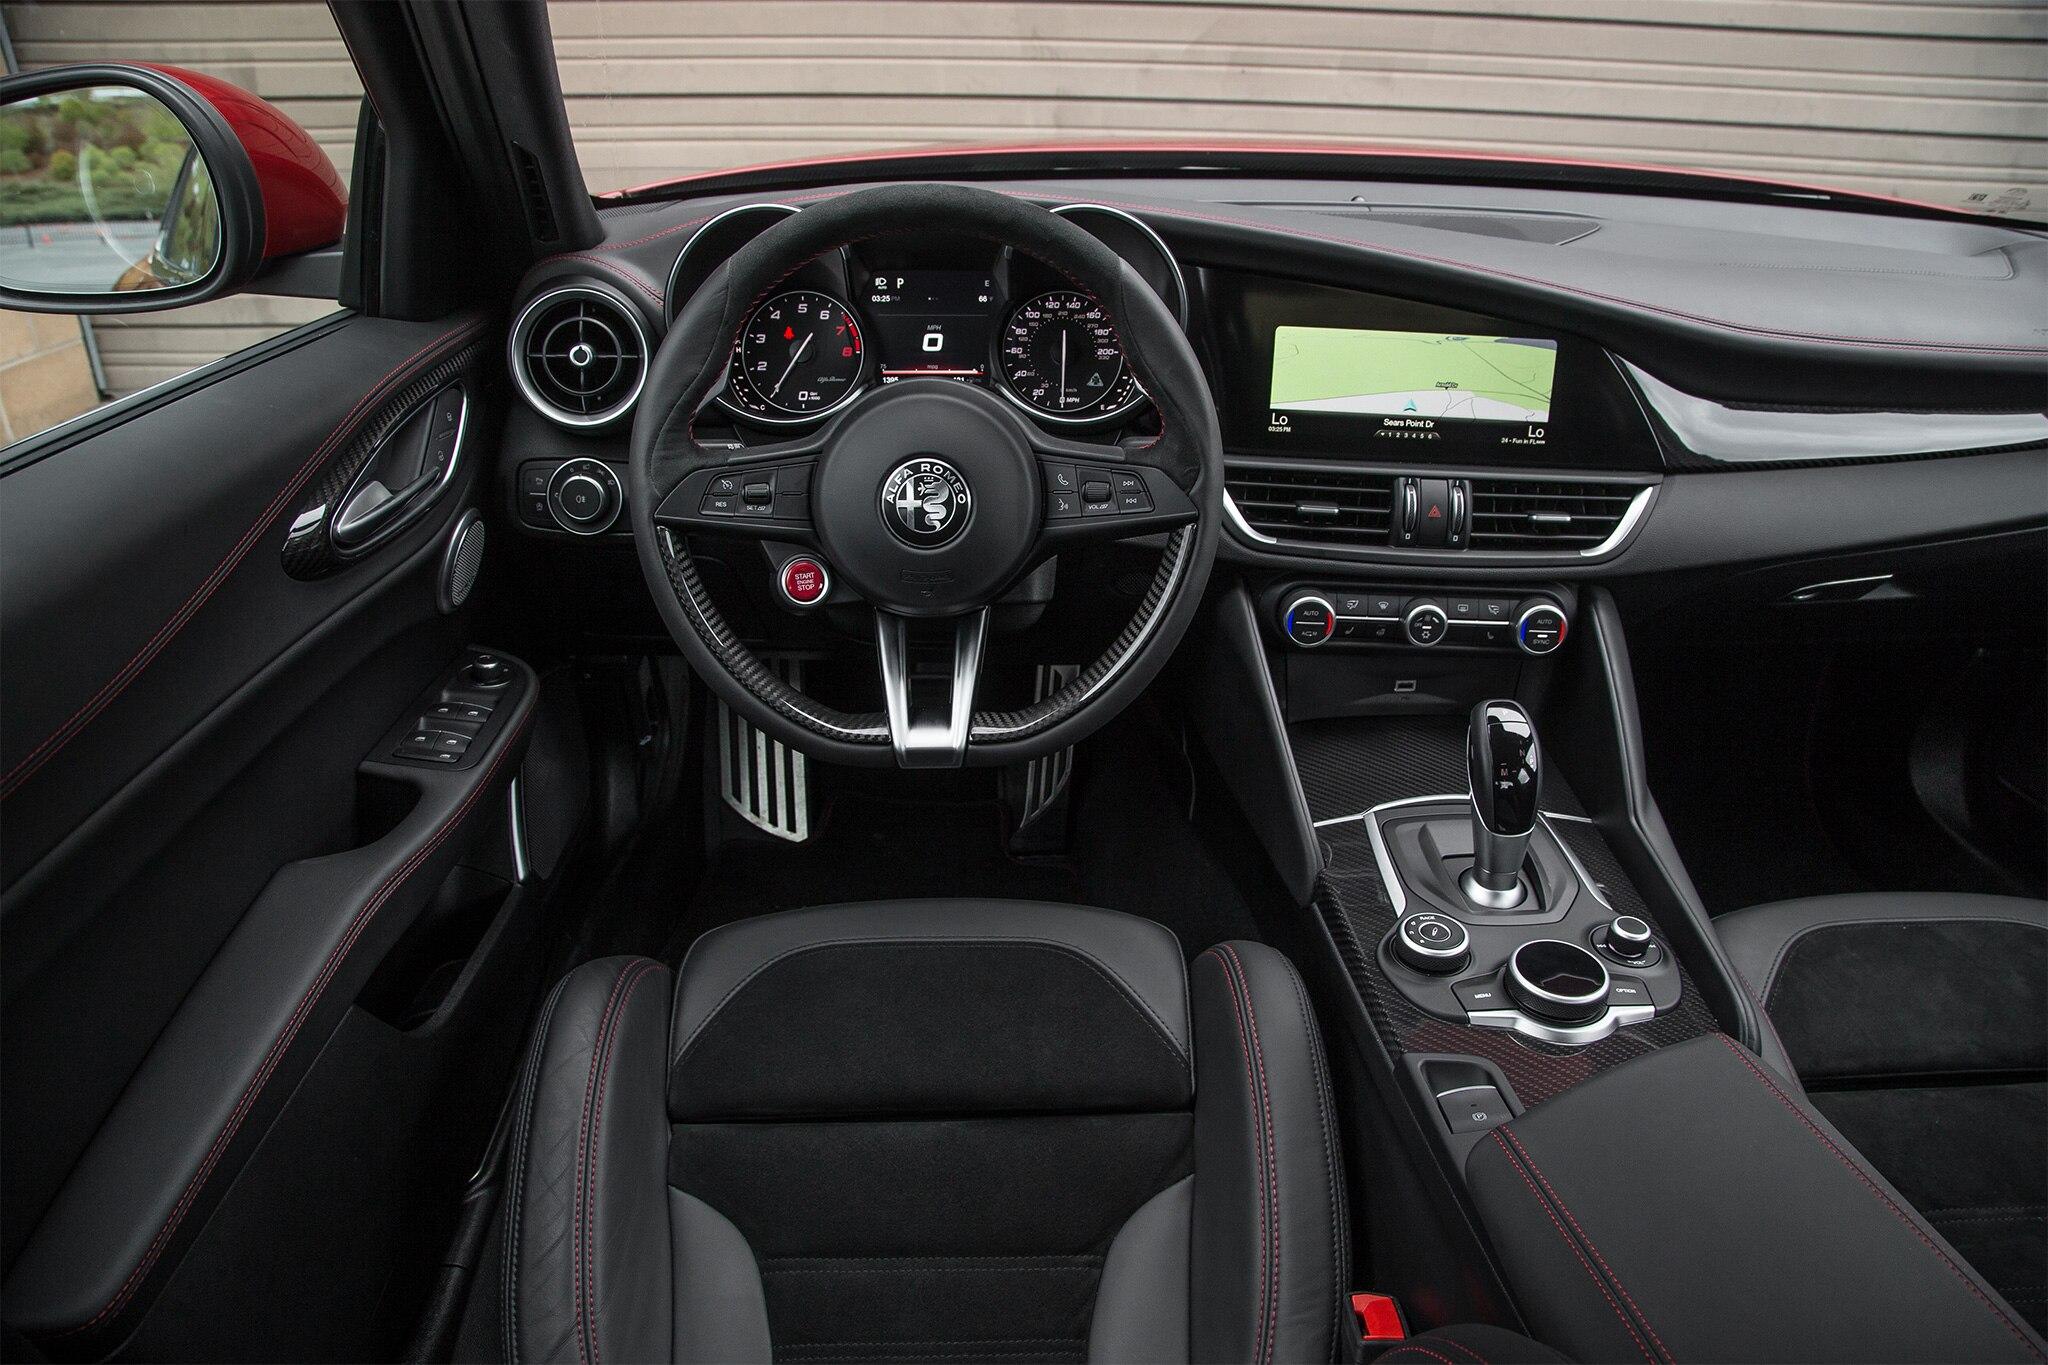 2017 alfa romeo giulia quadrifoglio u s spec first drive - Alfa romeo giulia interior dimensions ...